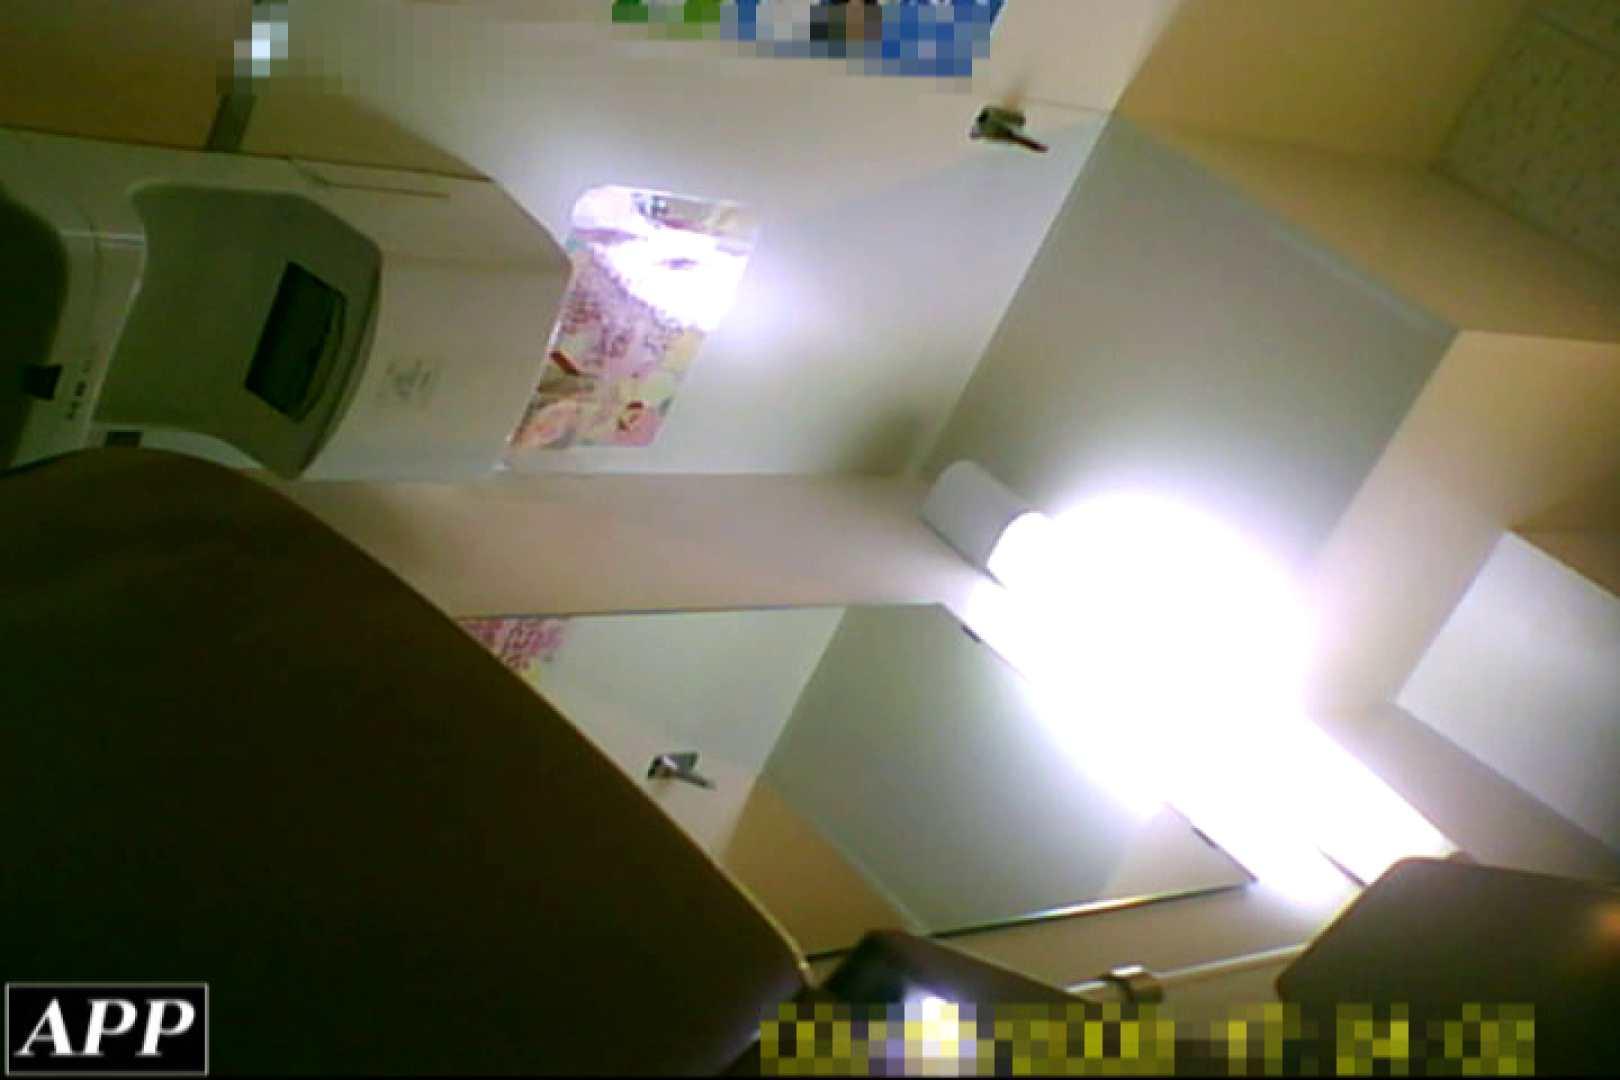 3視点洗面所 vol.30 オマンコ・ぱっくり アダルト動画キャプチャ 21画像 5